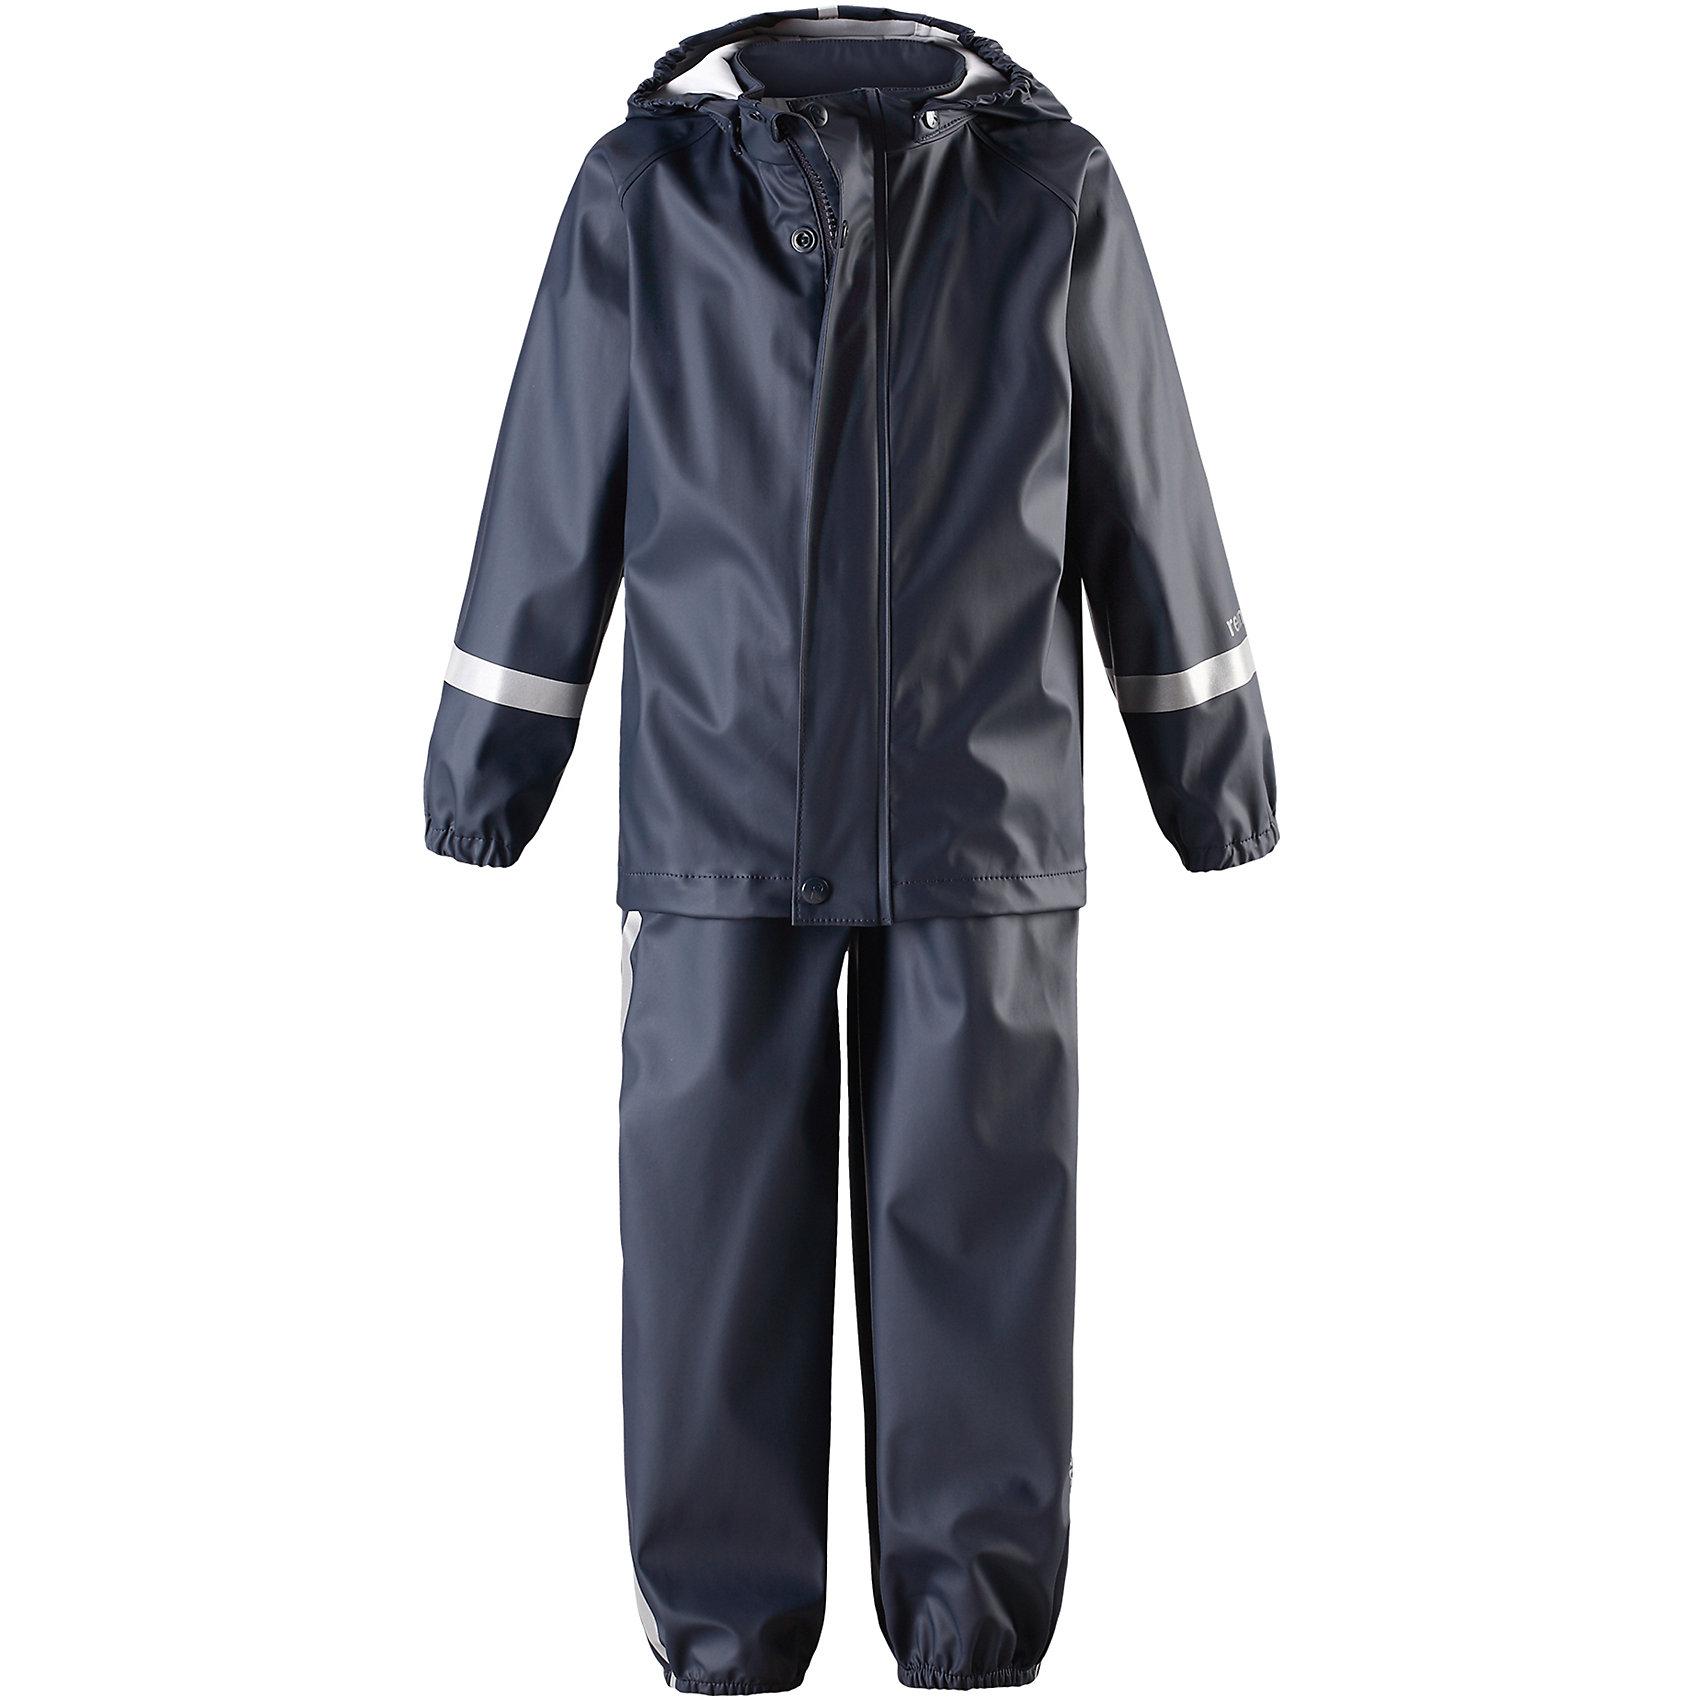 Непромокаемый комплект Tihku: куртка и брюки для мальчика ReimaОдежда<br>Характеристики товара:<br><br>• цвет: темно-синий<br>• состав: 100% полиэстер, полиуретановое покрытие<br>• температурный режим: от +10°до +20°С<br>• водонепроницаемость: 10000 мм<br>• без утеплителя<br>• комплектация: куртка, штаны<br>• водонепроницаемый материал с запаянными швами<br>• эластичный материал<br>• не содержит ПВХ<br>• безопасный съемный капюшон<br>• эластичные манжеты <br>• регулируемая талия<br>• эластичные манжеты на брючинах<br>• комфортная посадка<br>• съемные эластичные штрипки <br>• регулируемые подтяжки<br>• спереди застёгивается на молнию<br>• светоотражающие детали<br>• страна производства: Китай<br>• страна бренда: Финляндия<br>• коллекция: весна-лето 2017<br><br>Демисезонный комплект из куртки и штанов поможет обеспечить ребенку комфорт и тепло. Предметы отлично смотрятся с различной одеждой. Комплект удобно сидит и модно выглядит. Материал отлично подходит для дождливой погоды. Стильный дизайн разрабатывался специально для детей.<br><br>Обувь и одежда от финского бренда Reima пользуются популярностью во многих странах. Они стильные, качественные и удобные. Для производства продукции используются только безопасные, проверенные материалы и фурнитура.<br><br>Комплект: куртка и брюки для мальчика от финского бренда Reima (Рейма) можно купить в нашем интернет-магазине.<br><br>Ширина мм: 356<br>Глубина мм: 10<br>Высота мм: 245<br>Вес г: 519<br>Цвет: синий<br>Возраст от месяцев: 12<br>Возраст до месяцев: 15<br>Пол: Мужской<br>Возраст: Детский<br>Размер: 80,86,98,92,110,74,104,116<br>SKU: 5265427